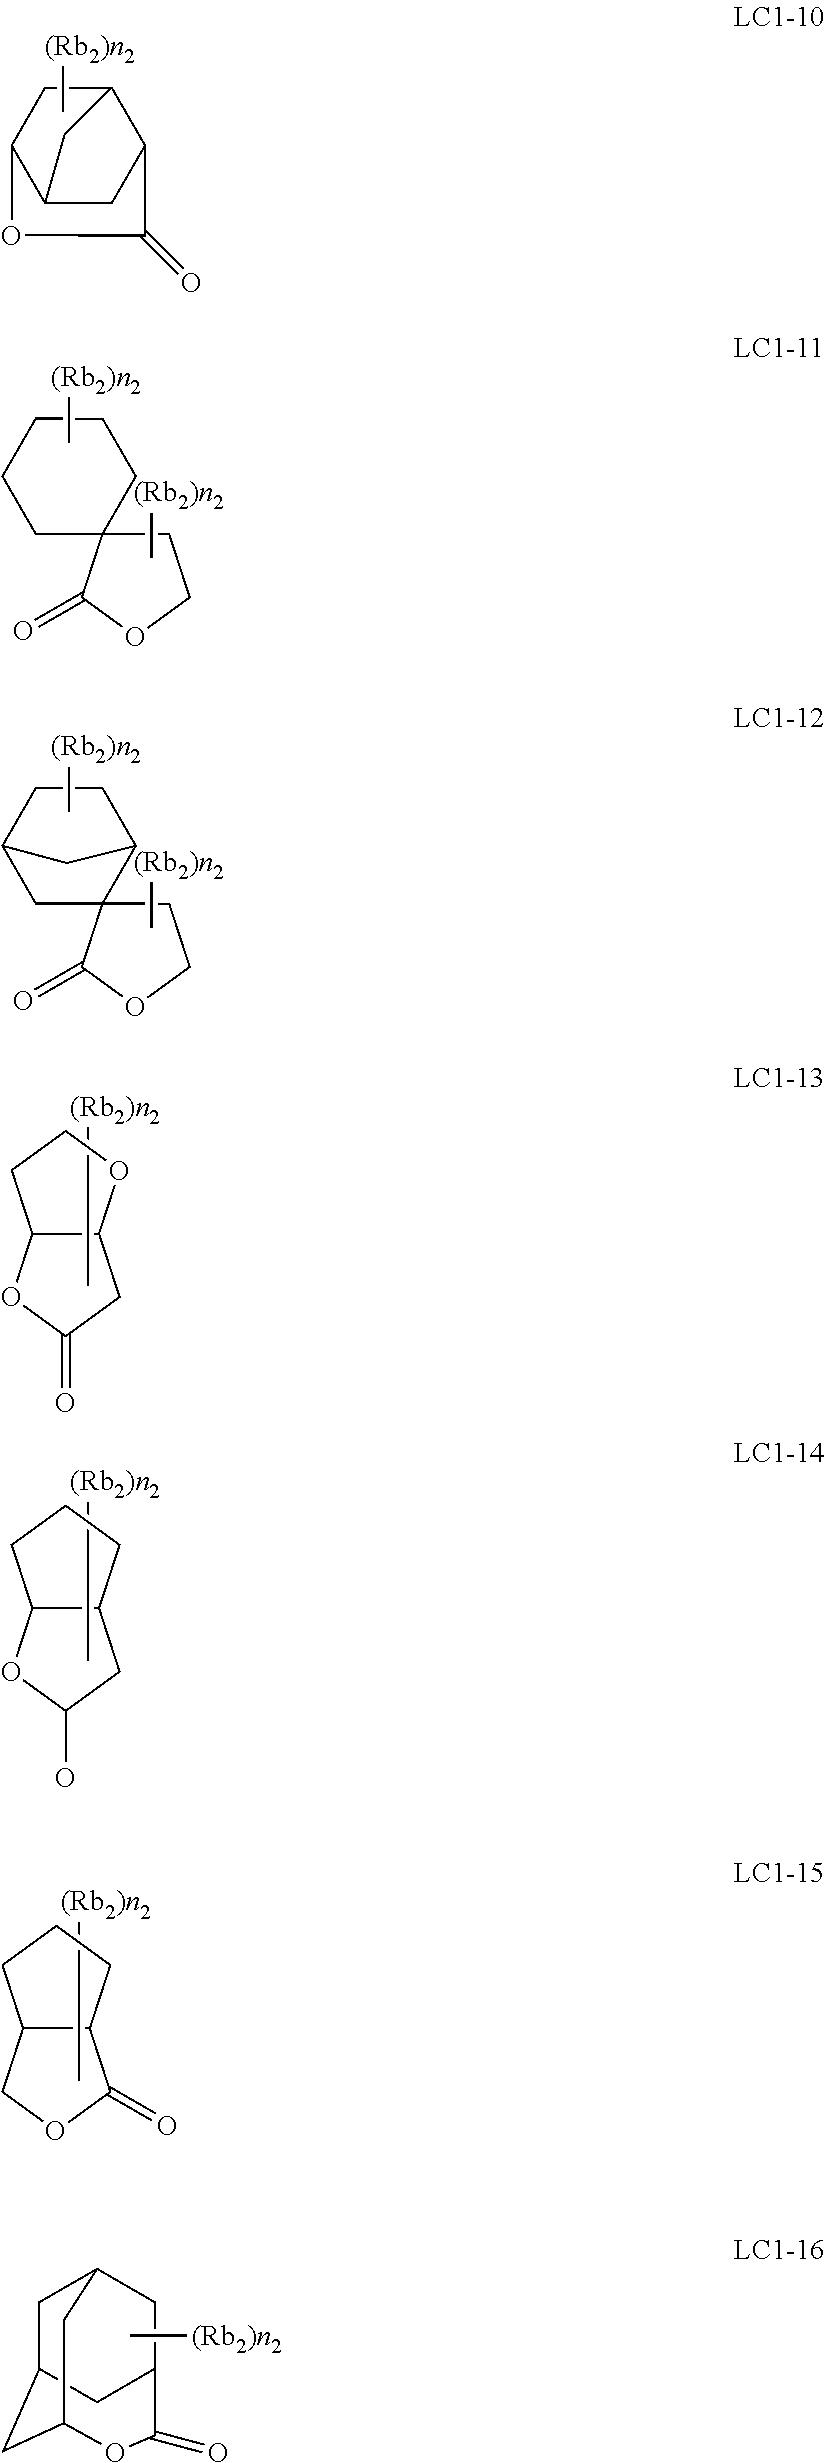 Figure US20110183258A1-20110728-C00041